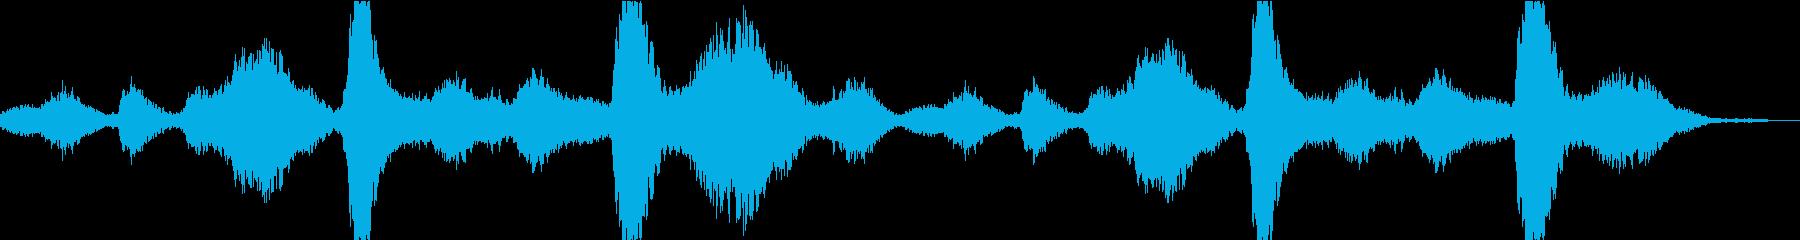 不気味なアンビエントの再生済みの波形